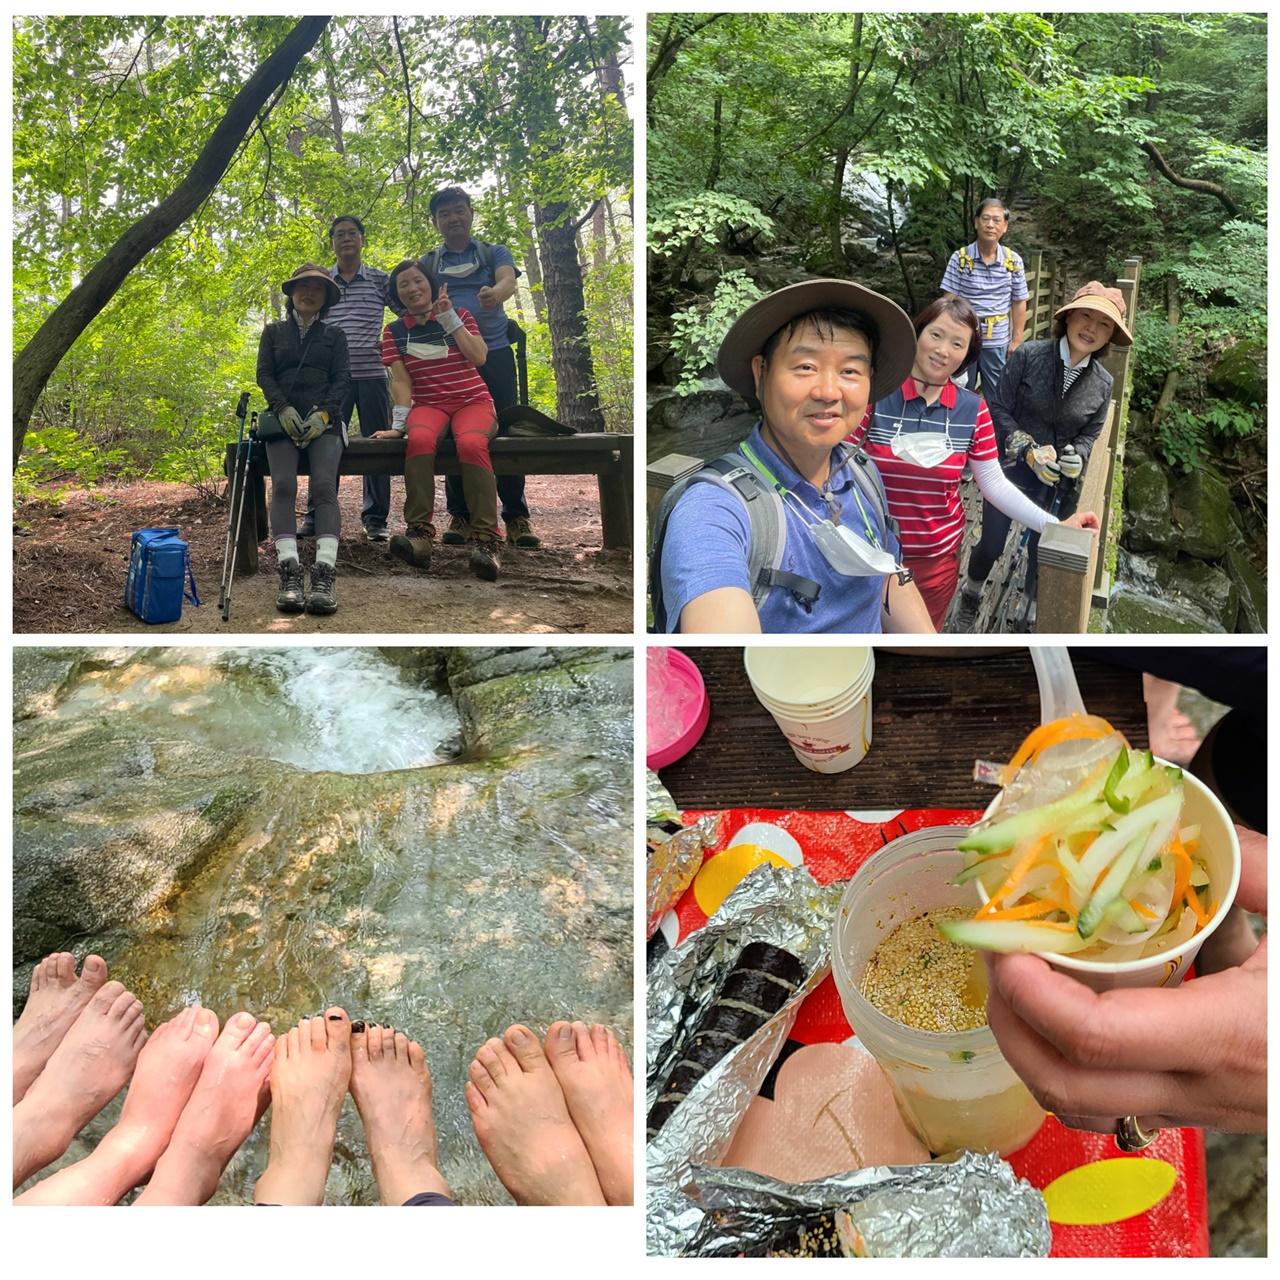 전주 모악산 계곡. 전주 모악산 계곡으로 김밥 싸서 옆집 채원이네 부부와 함께 소풍을 갔다.